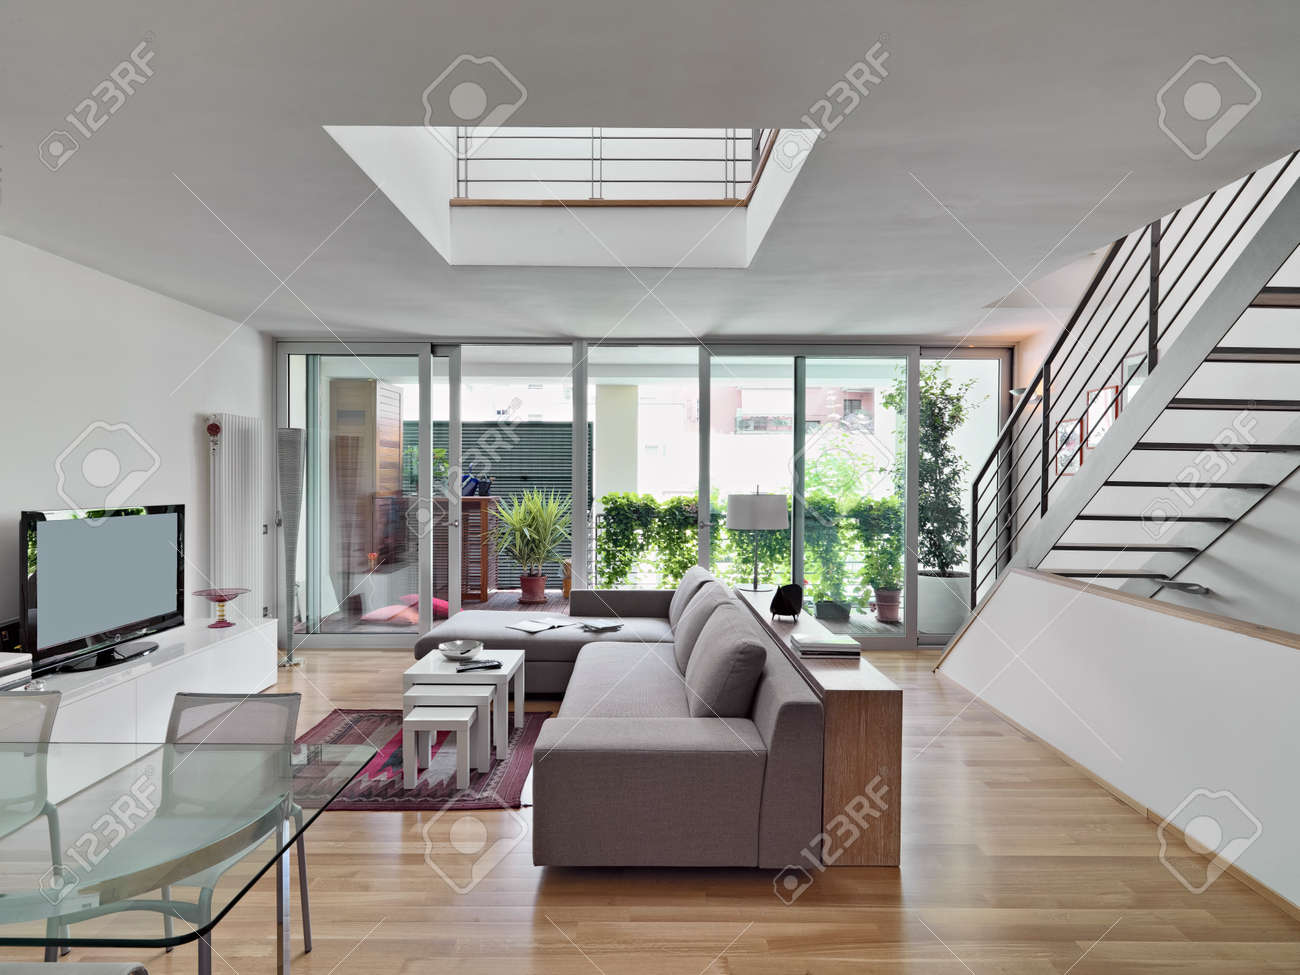 Escalier Dans Un Salon vue intérieure d'un salon moderne avec un canapé en tissu surplombant la  terrasse et un escalier